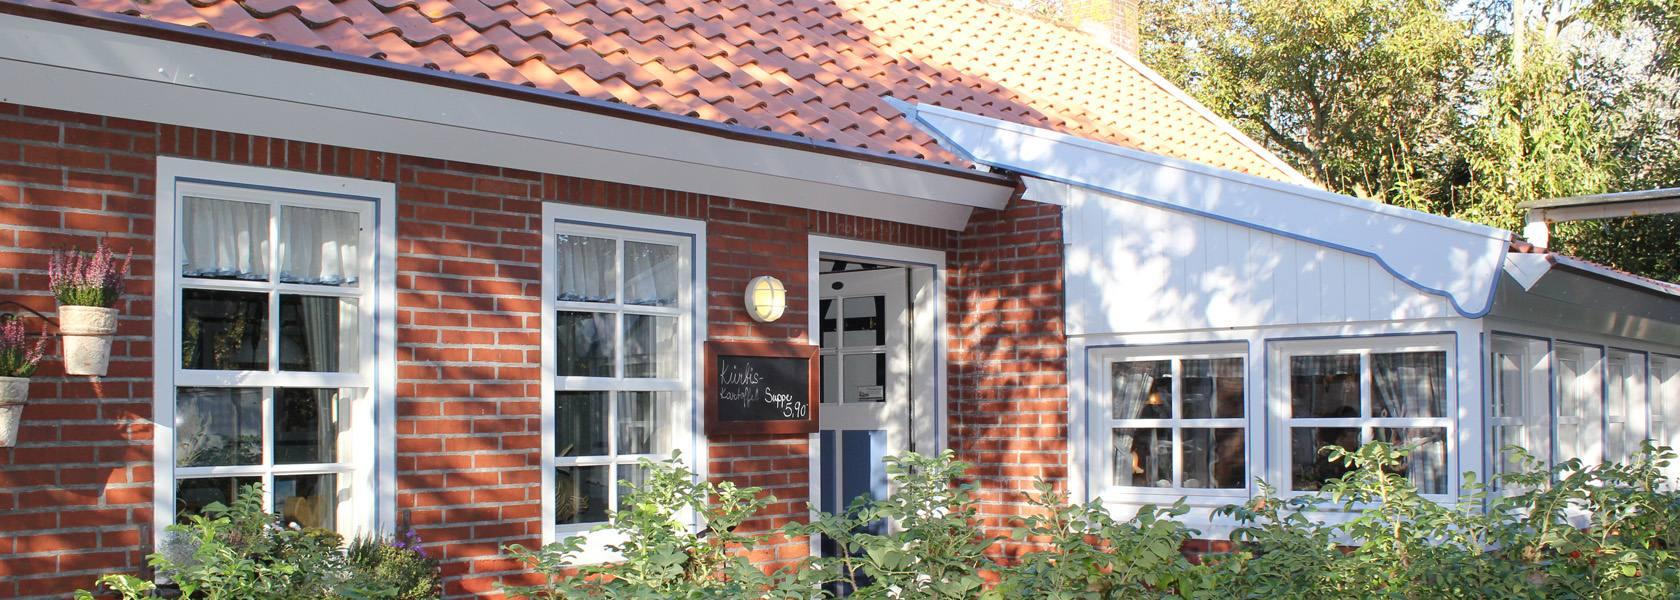 Lütje Teehuus Juist, © Die Nordsee GmbH, Katja Benke